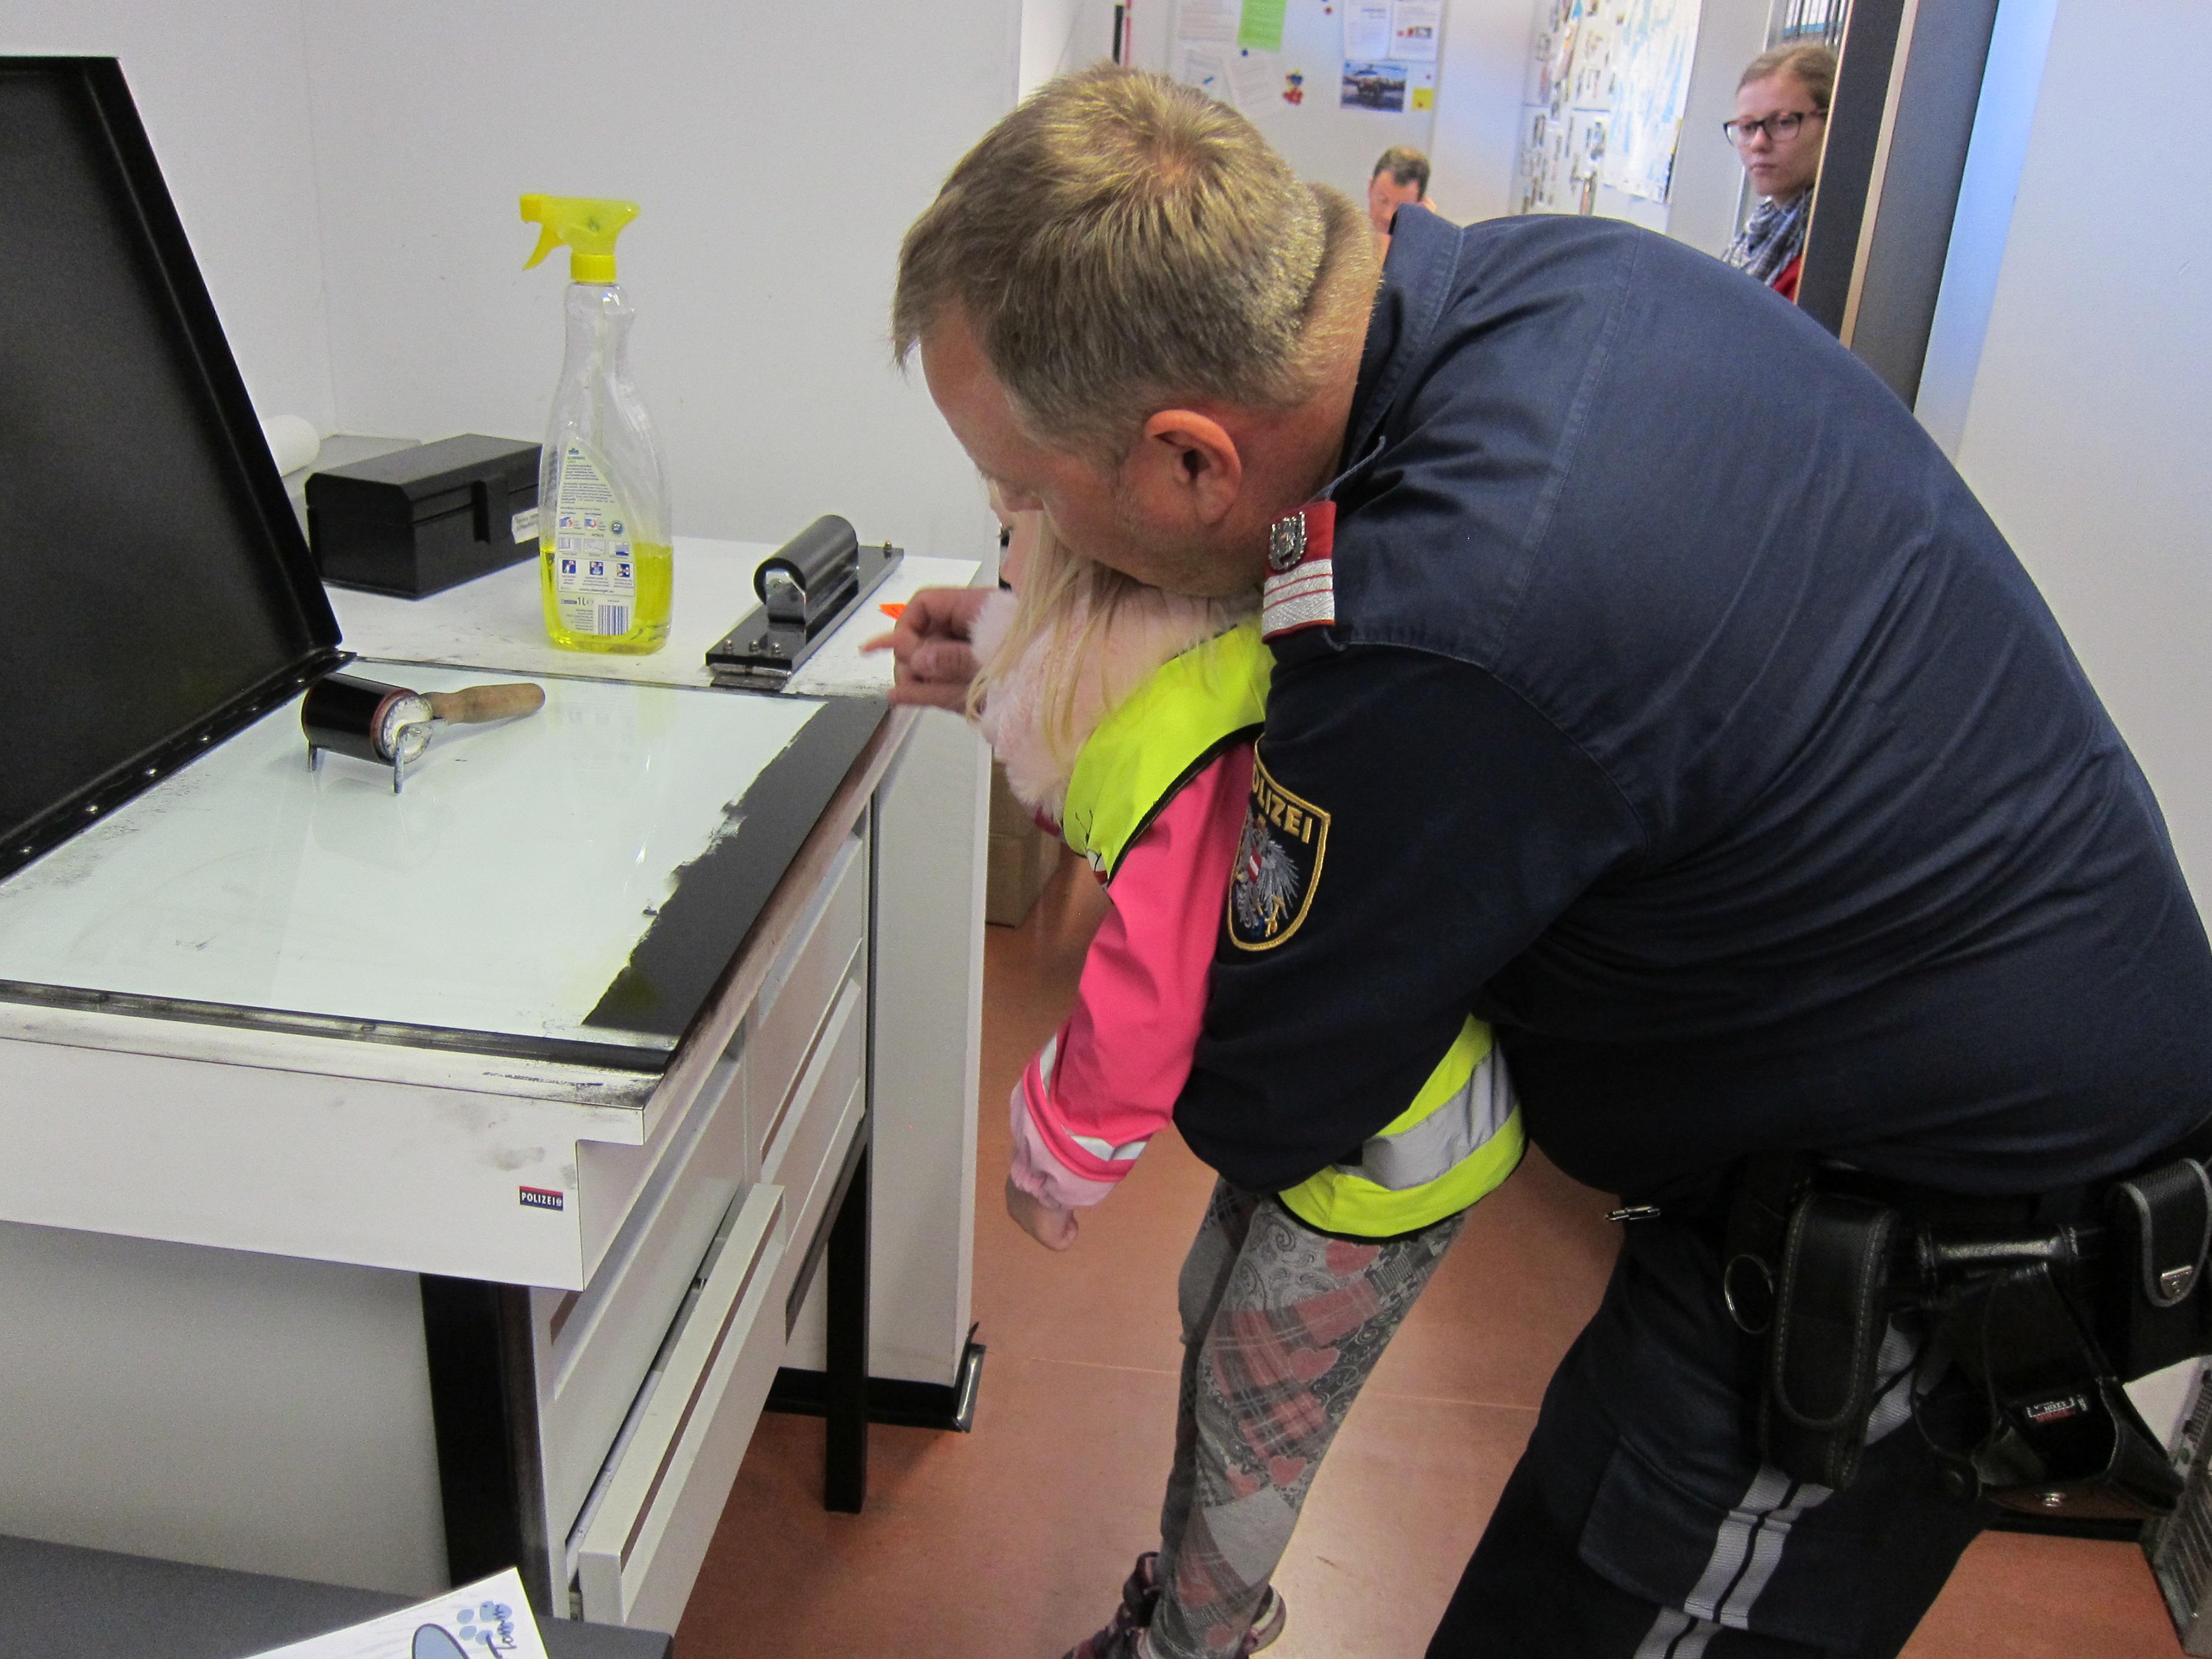 Exkursion Polizei_Okt15 (61).JPG